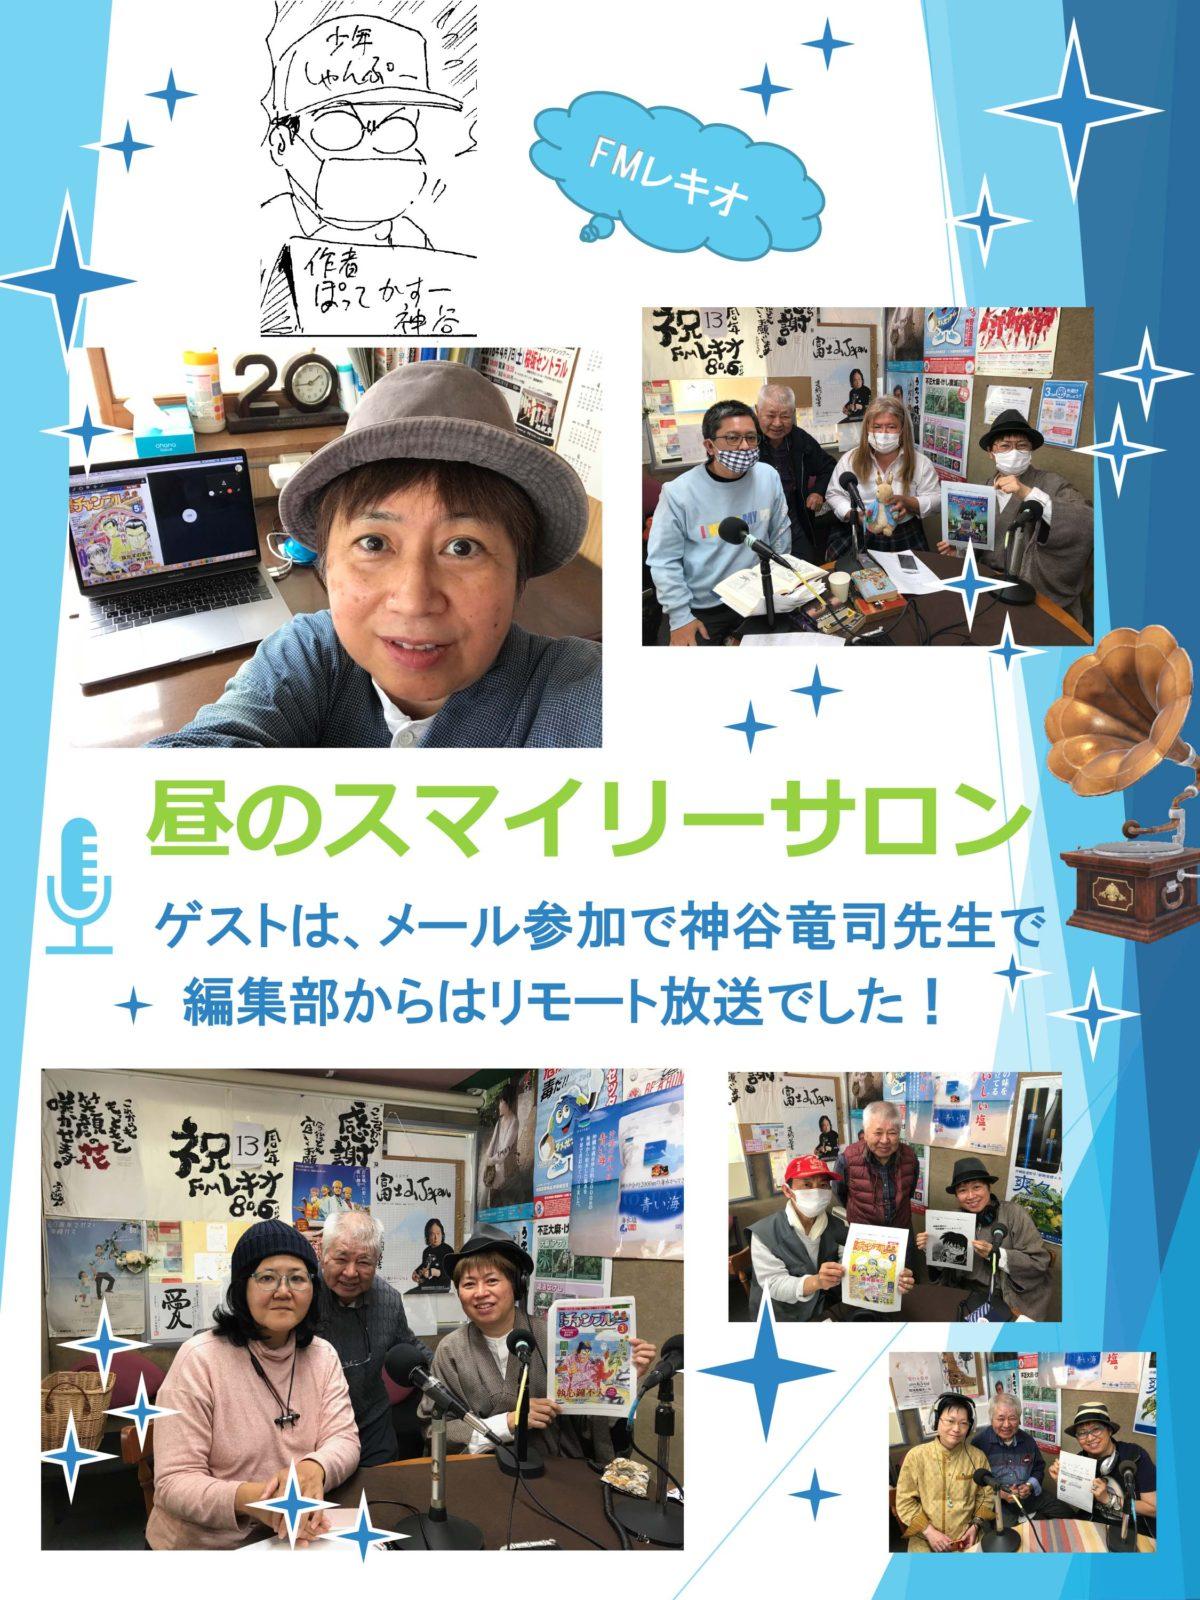 神谷竜司先生はメール参加でした!『昼のスマイリーサロン』リモート放送5月8日(金)